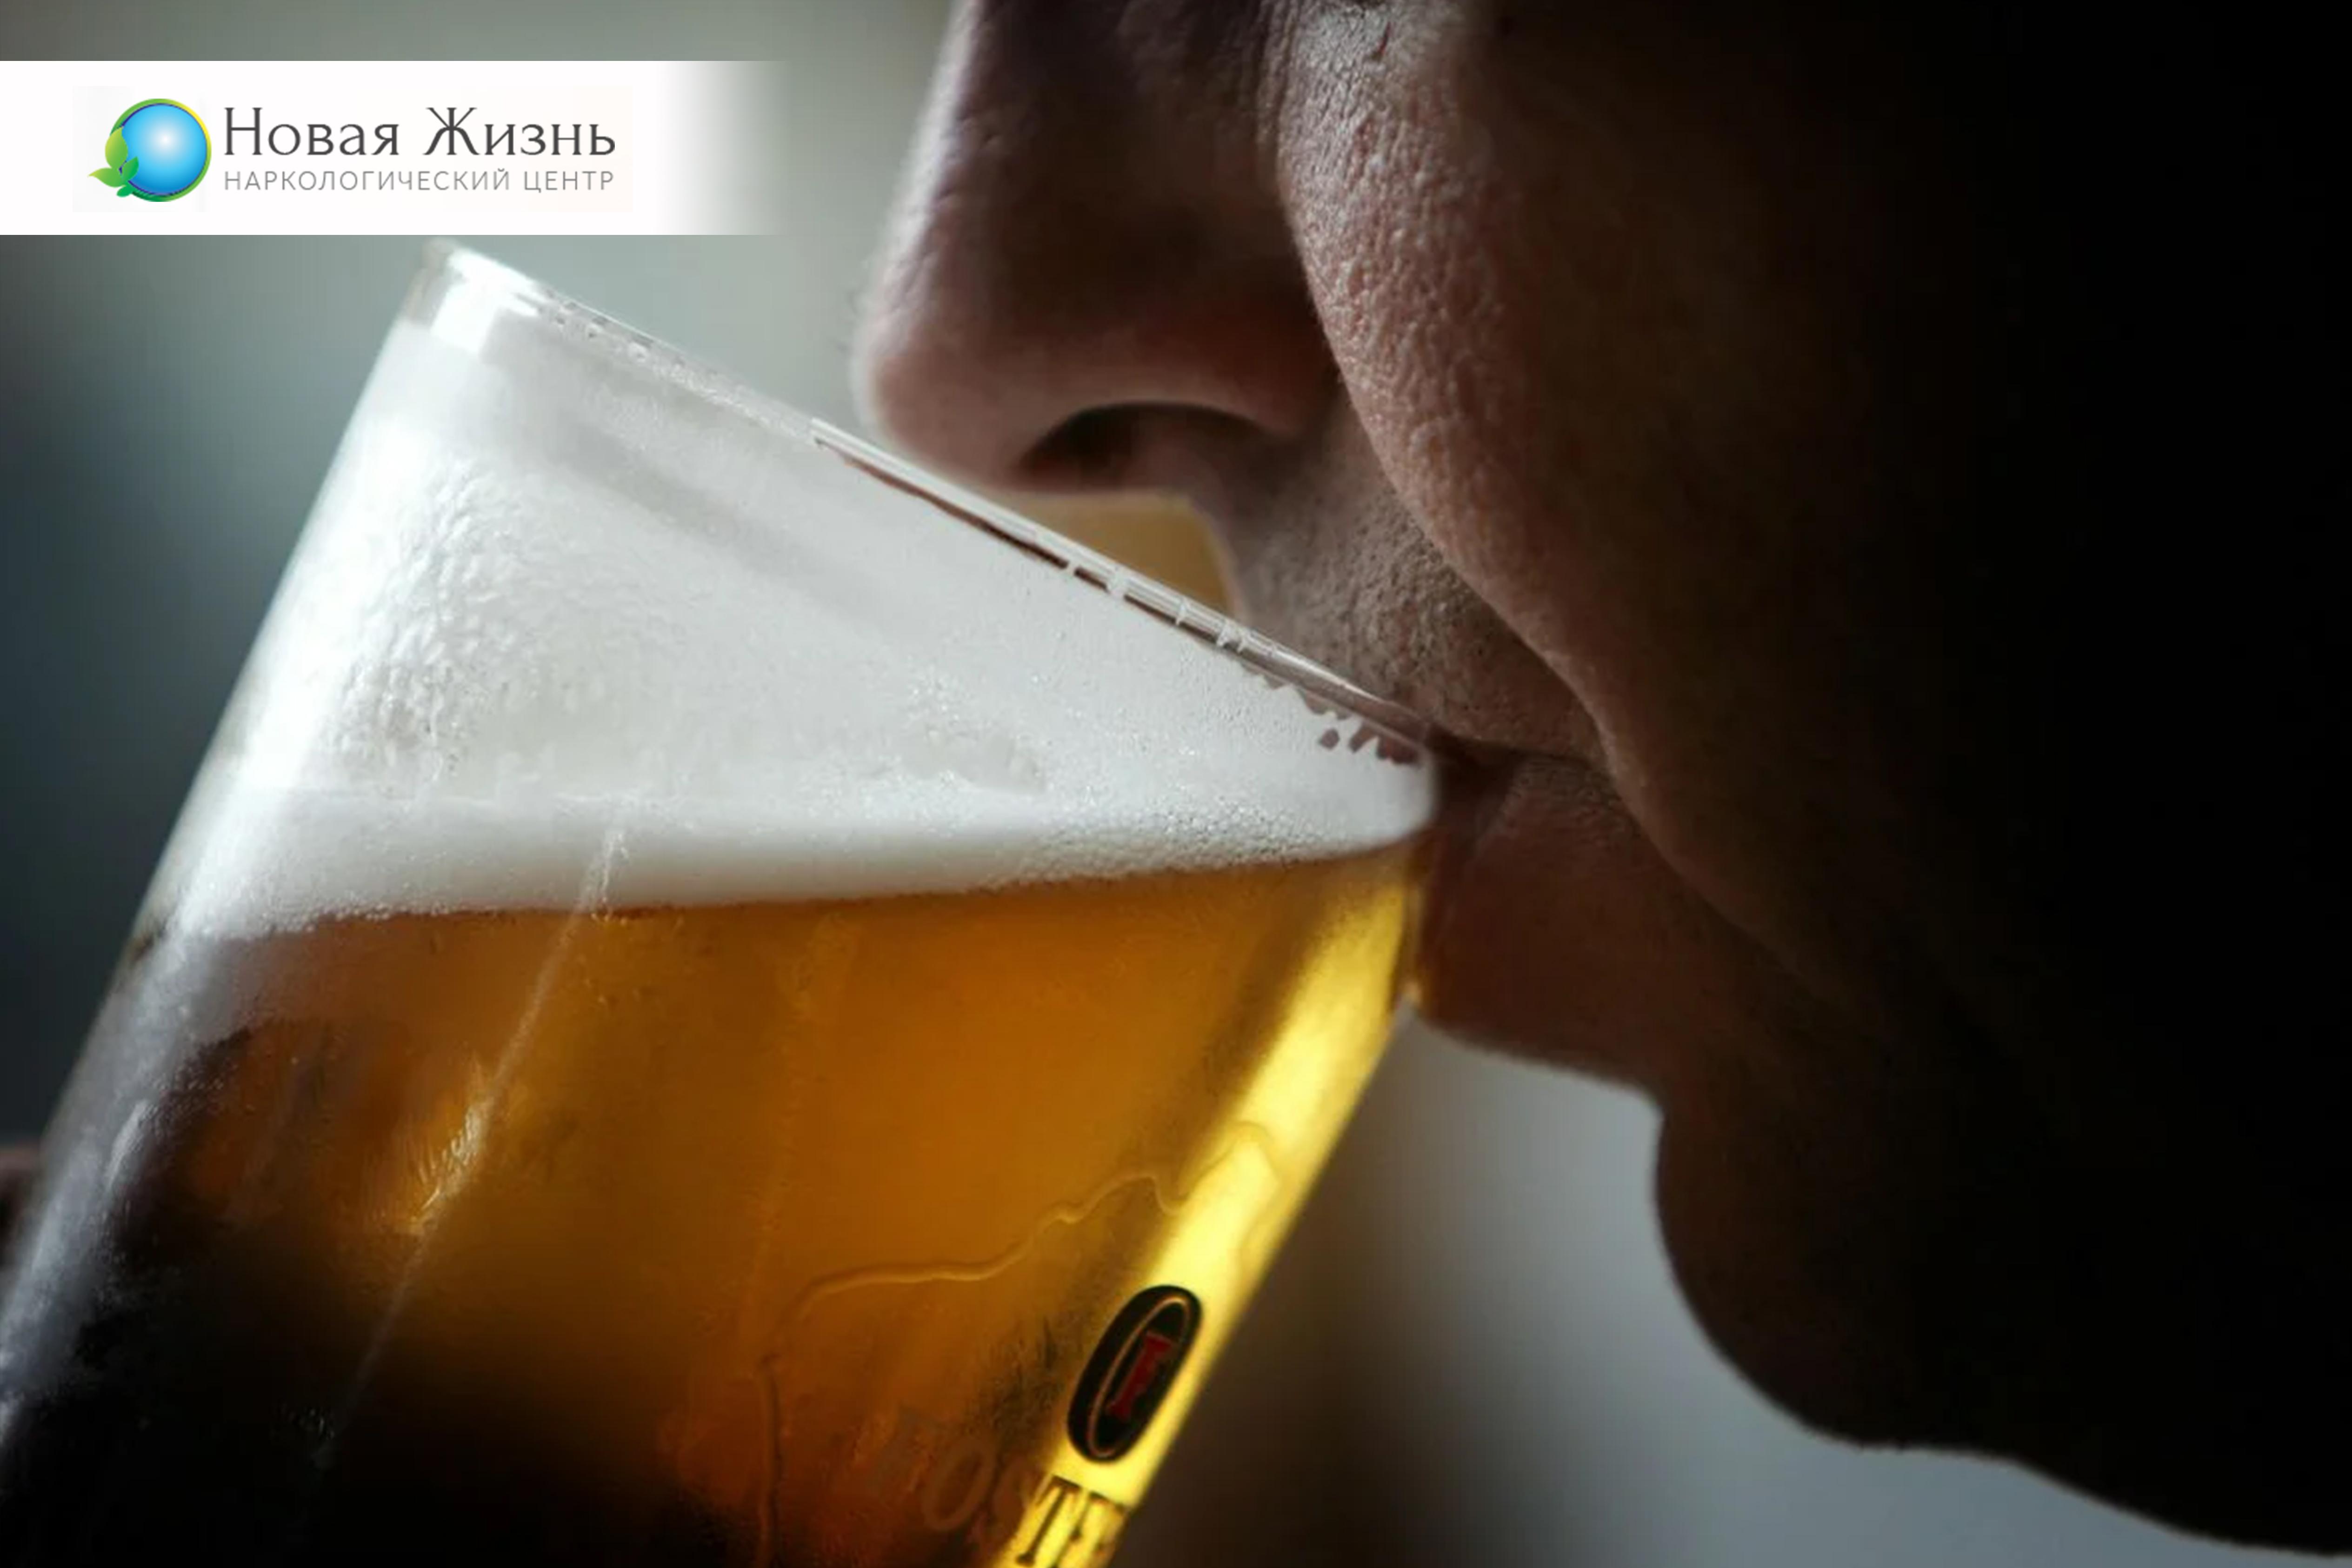 Пивний алкоголізм: як кинути пити пиво